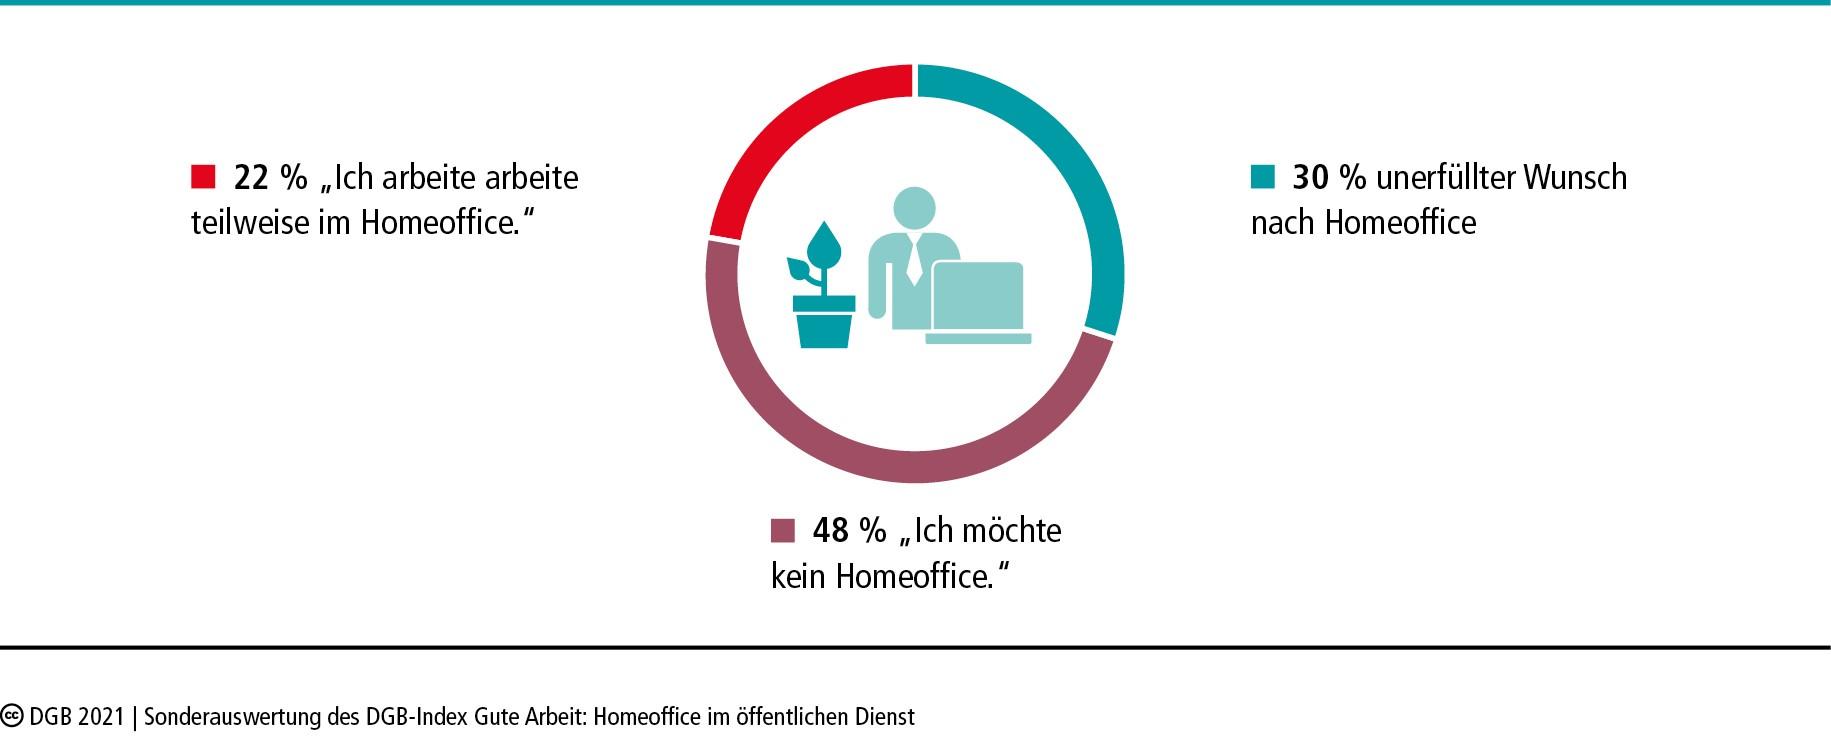 Kreisdiagramm: Wunsch nach Homeoffice